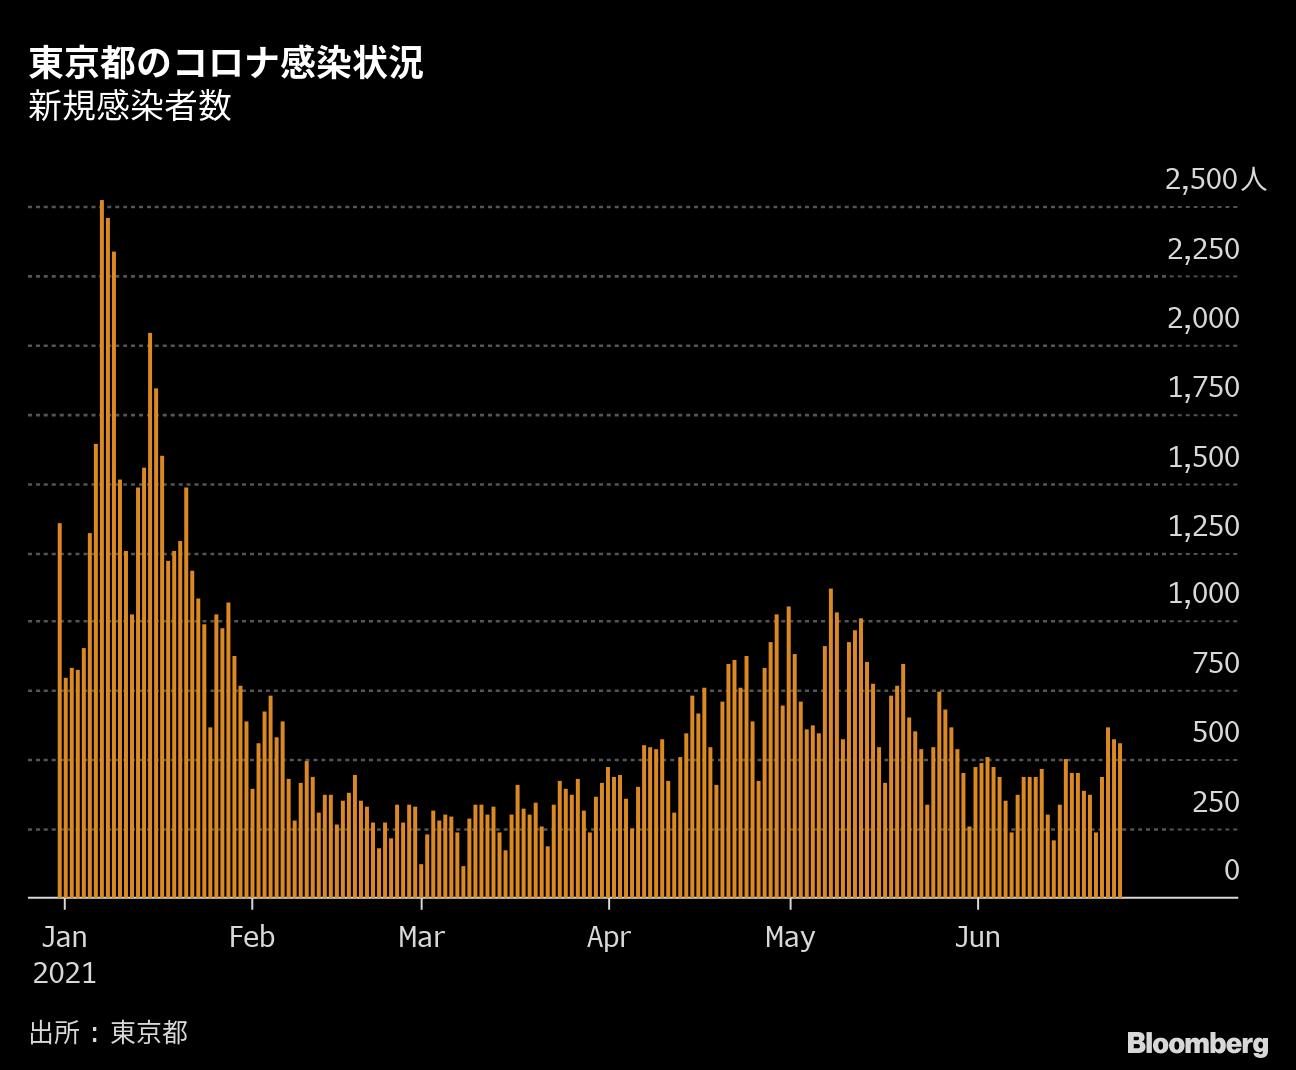 東京都で新たに562人の新型コロナ感染確認、7日間移動平均455.1人